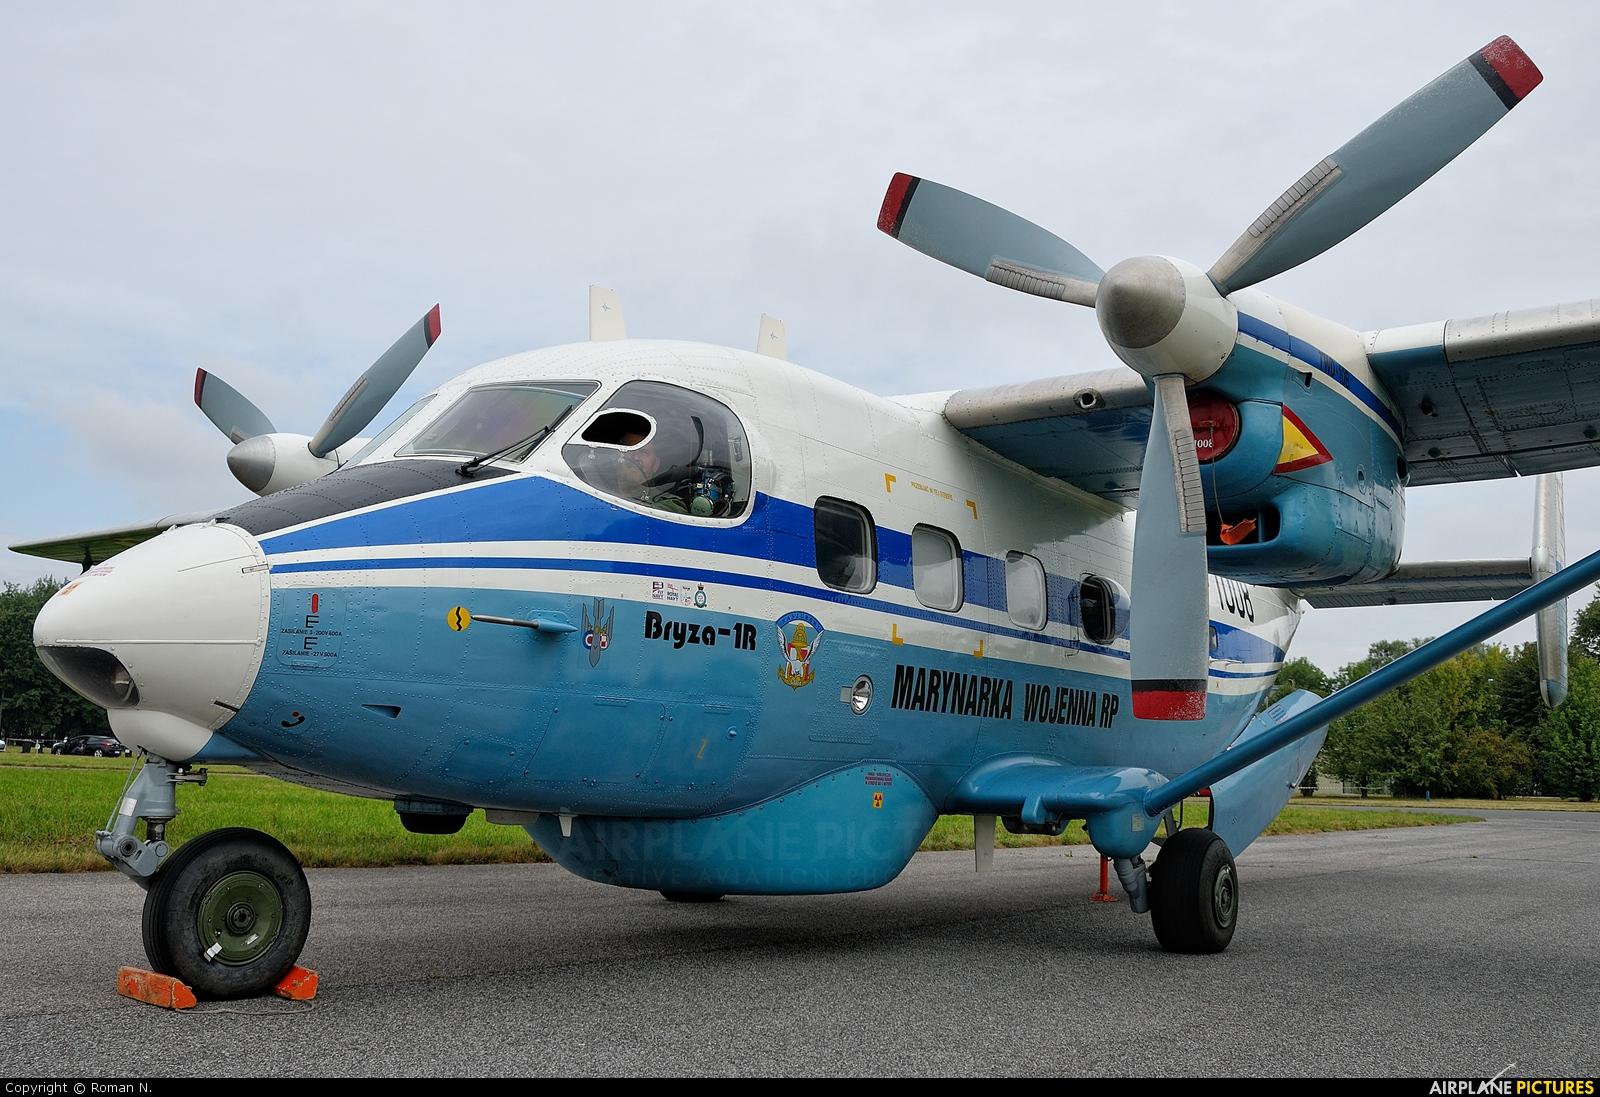 Poland - Navy 1008 aircraft at Radom - Sadków